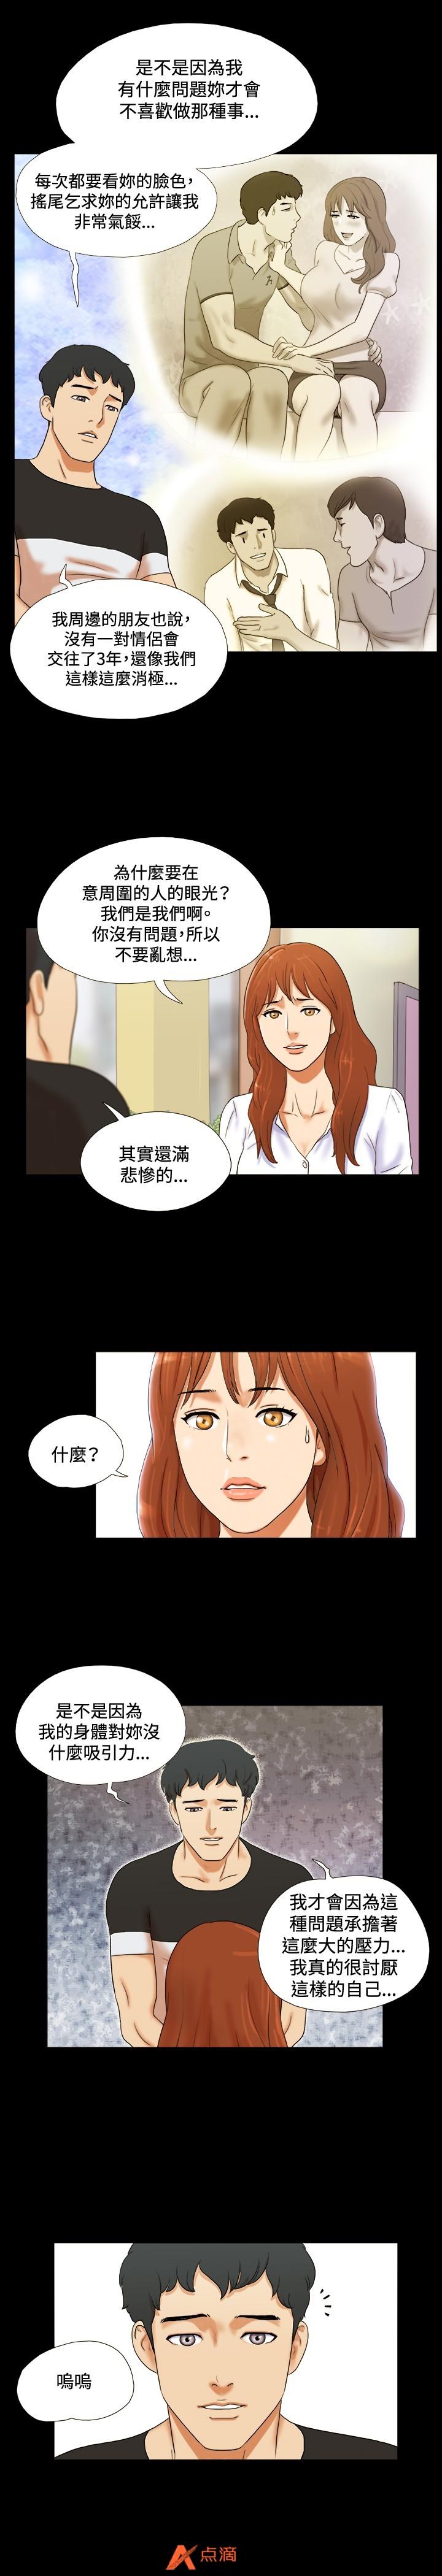 韩国漫画推荐:《17种性幻想 情侣游戏》